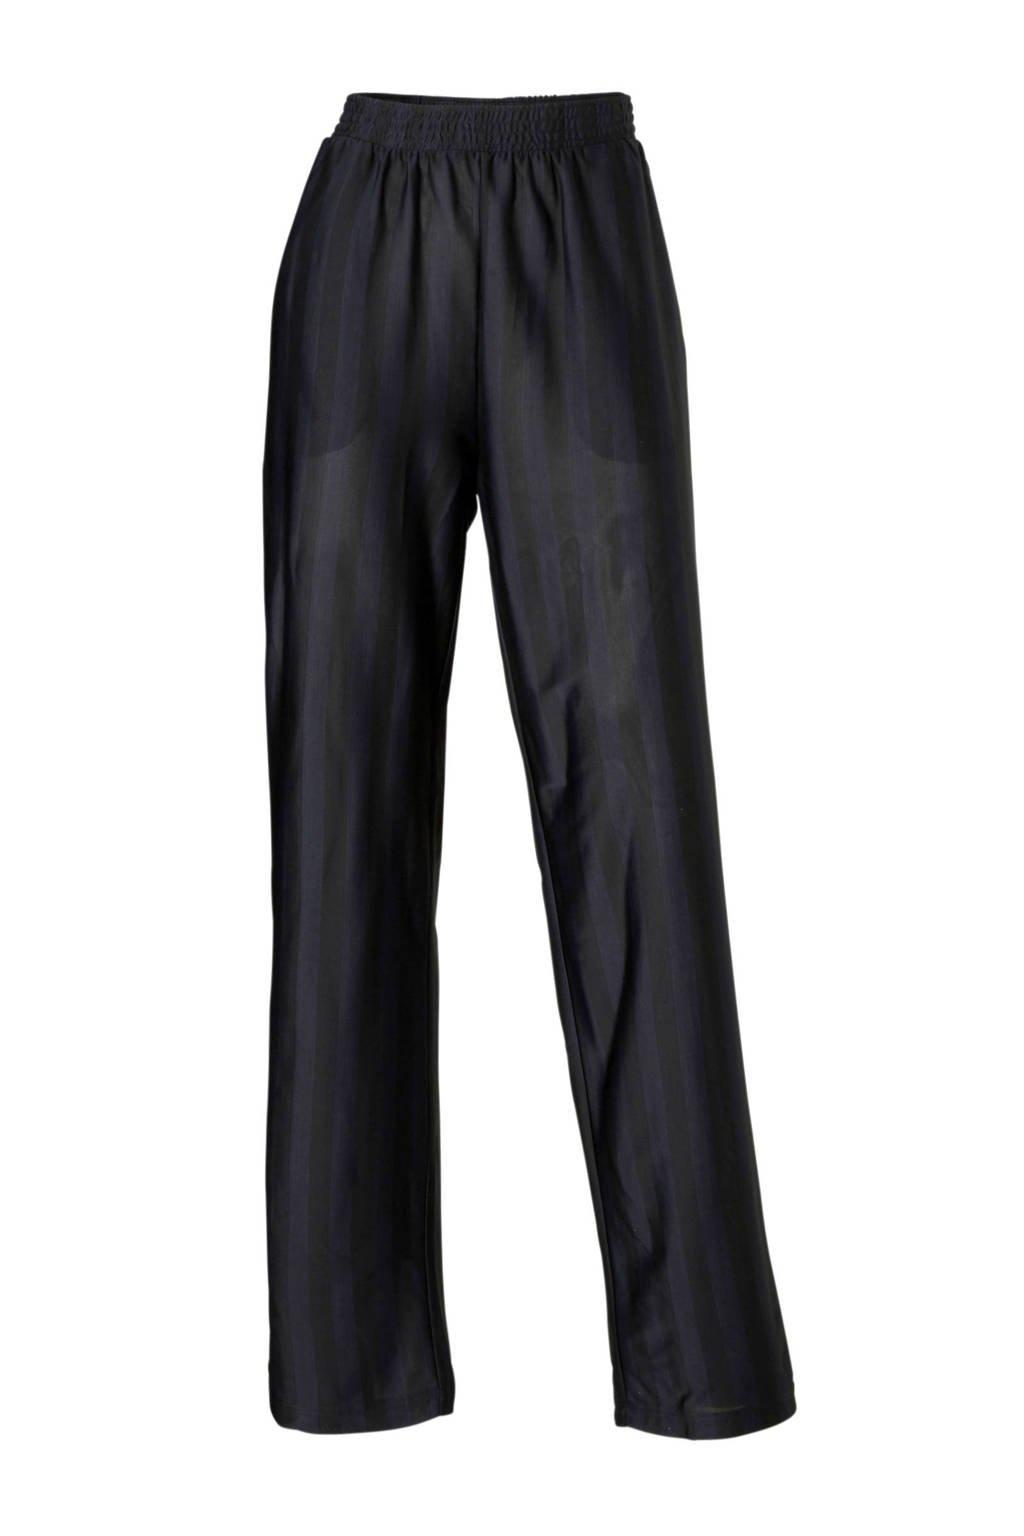 JACQUELINE DE YONG gestreepte broek, Zwart/blauw